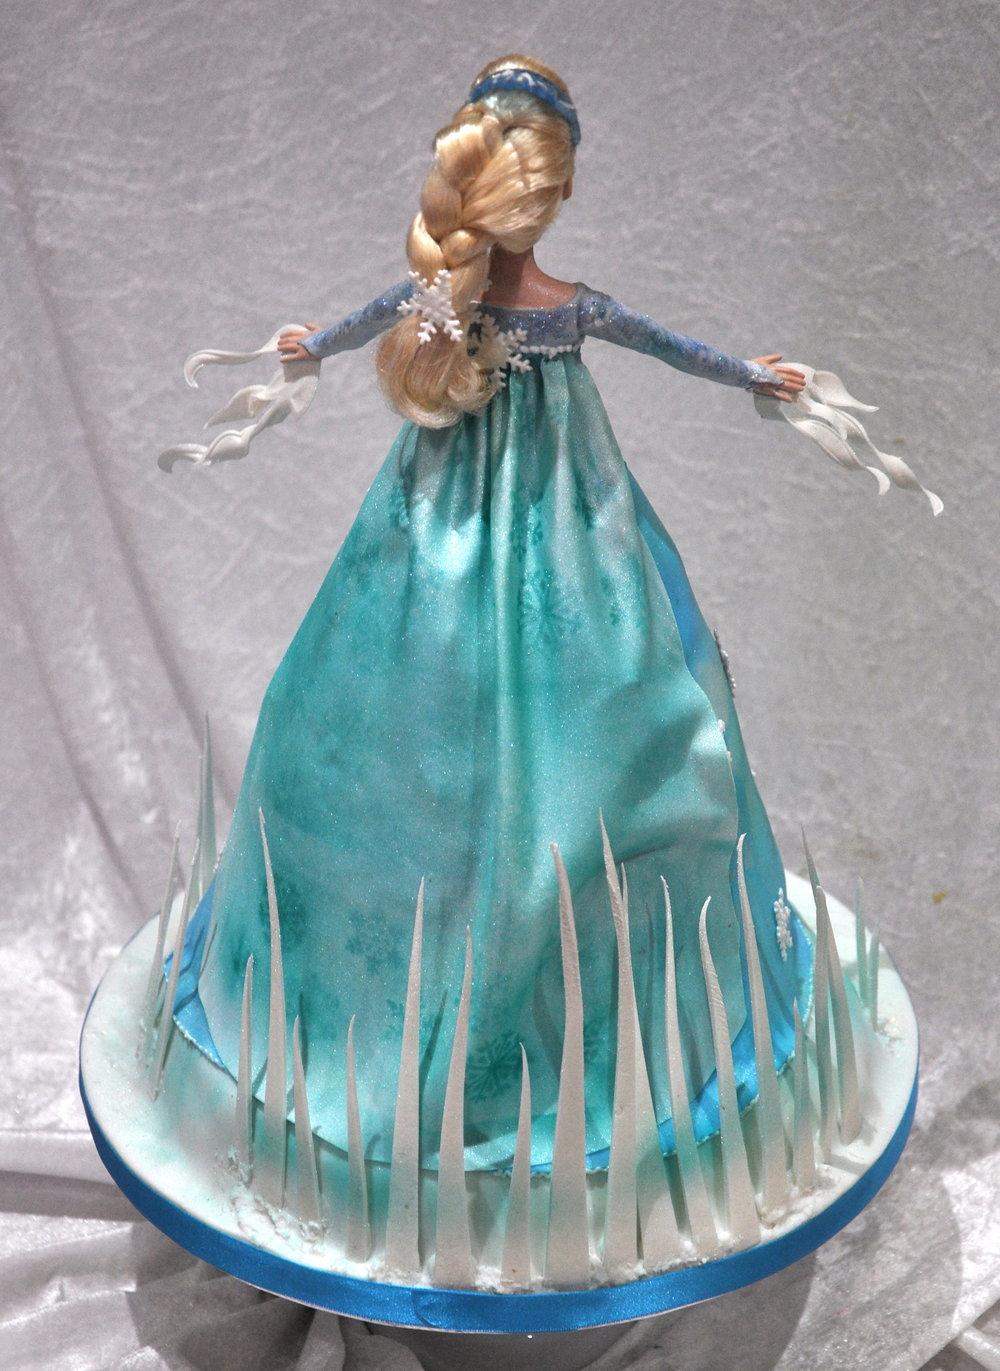 2014-03-01 Frozen Birthday Cake 04_v1.JPG